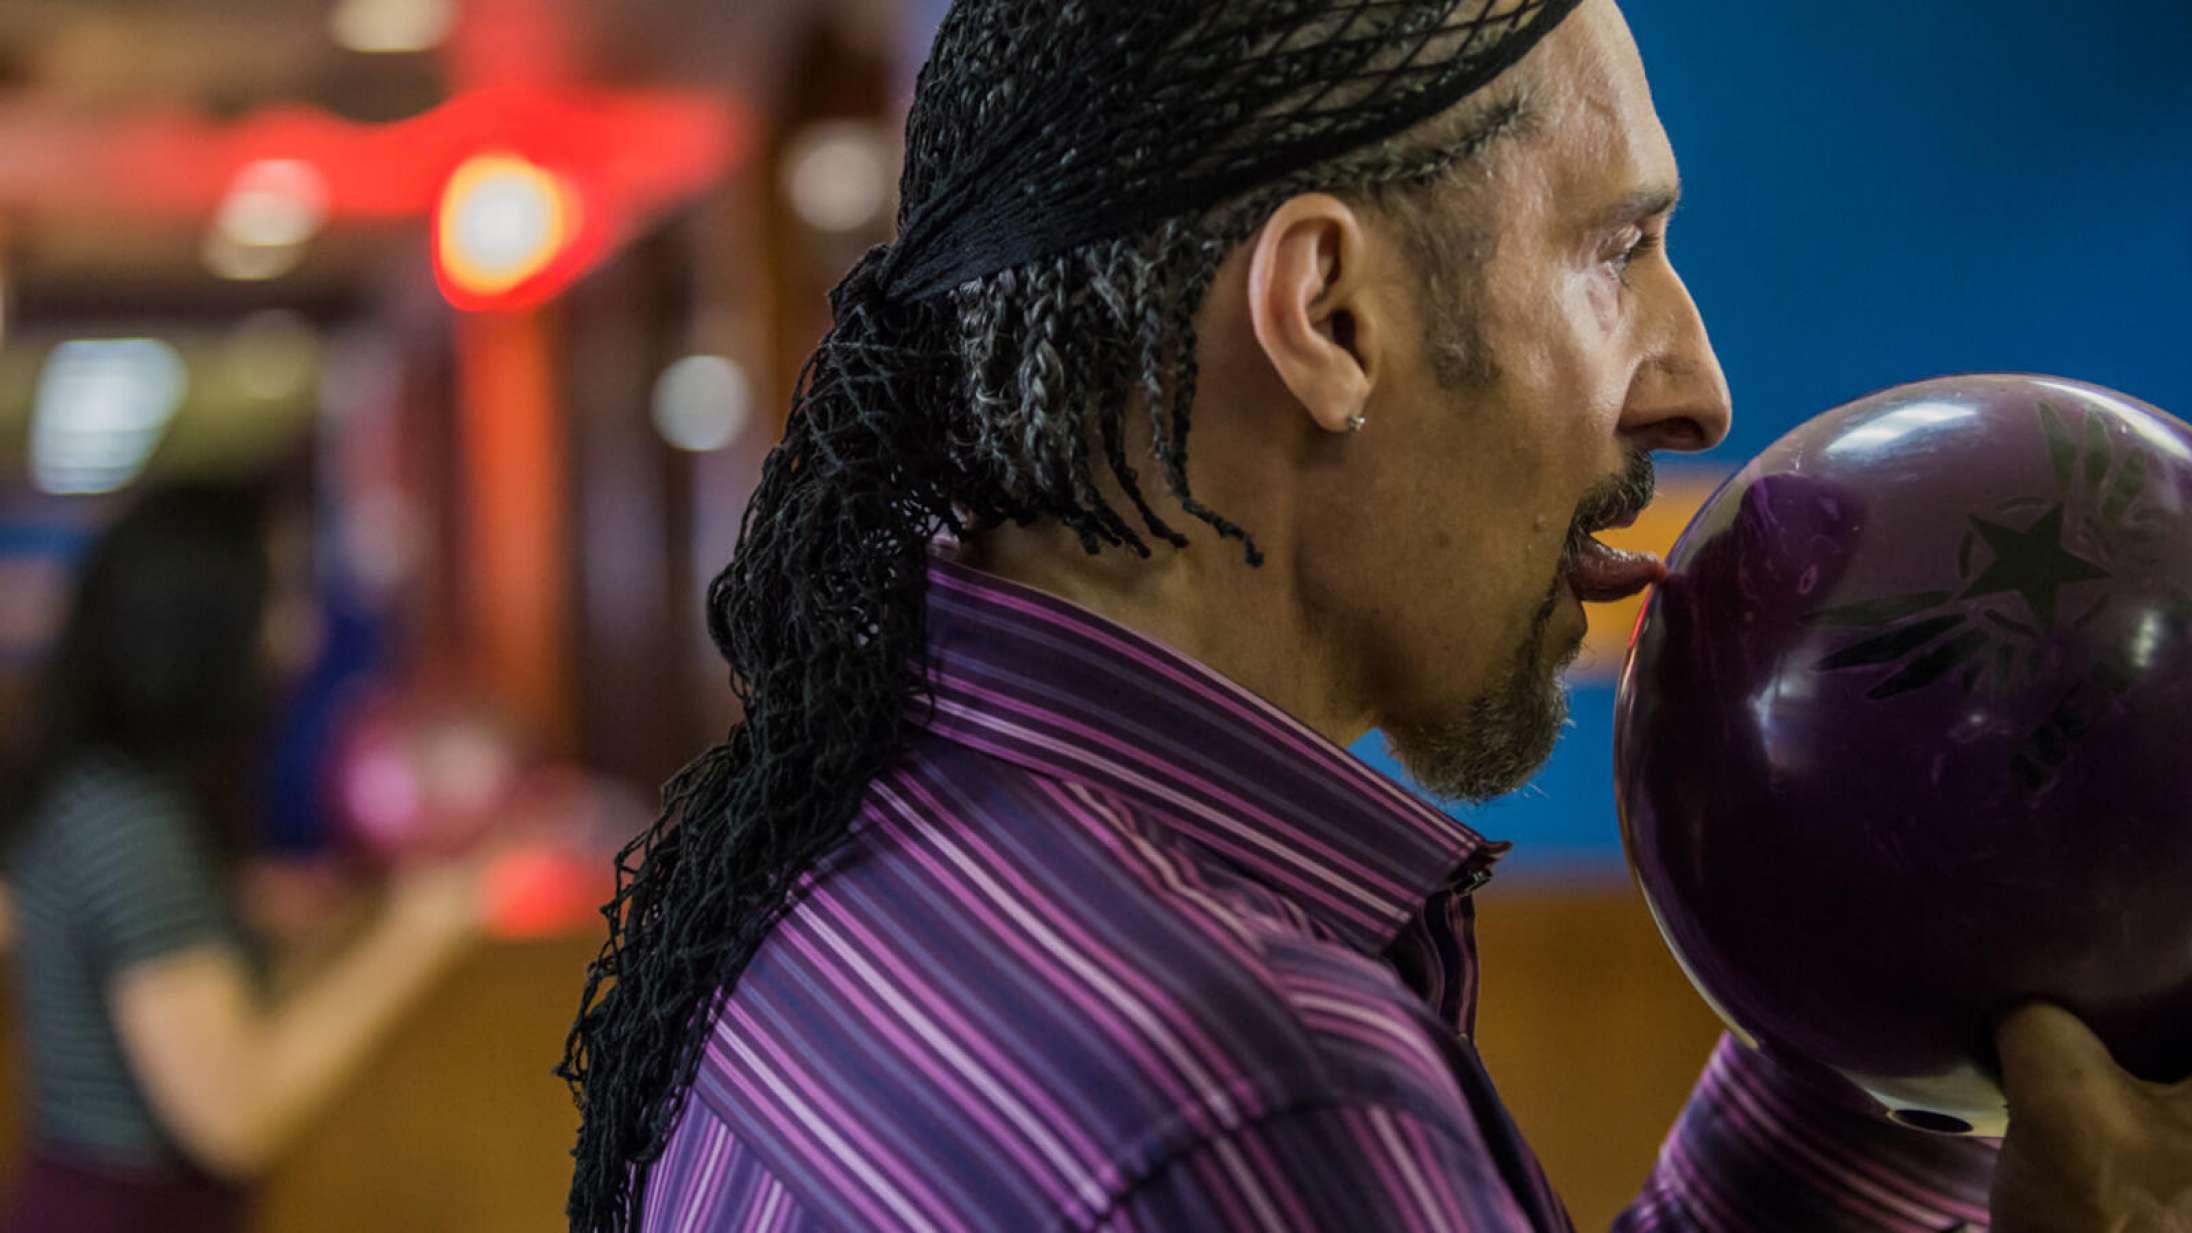 'The Jesus Rolls': Jesus-spinoff af 'The Big Lebowski' er en katastrofe